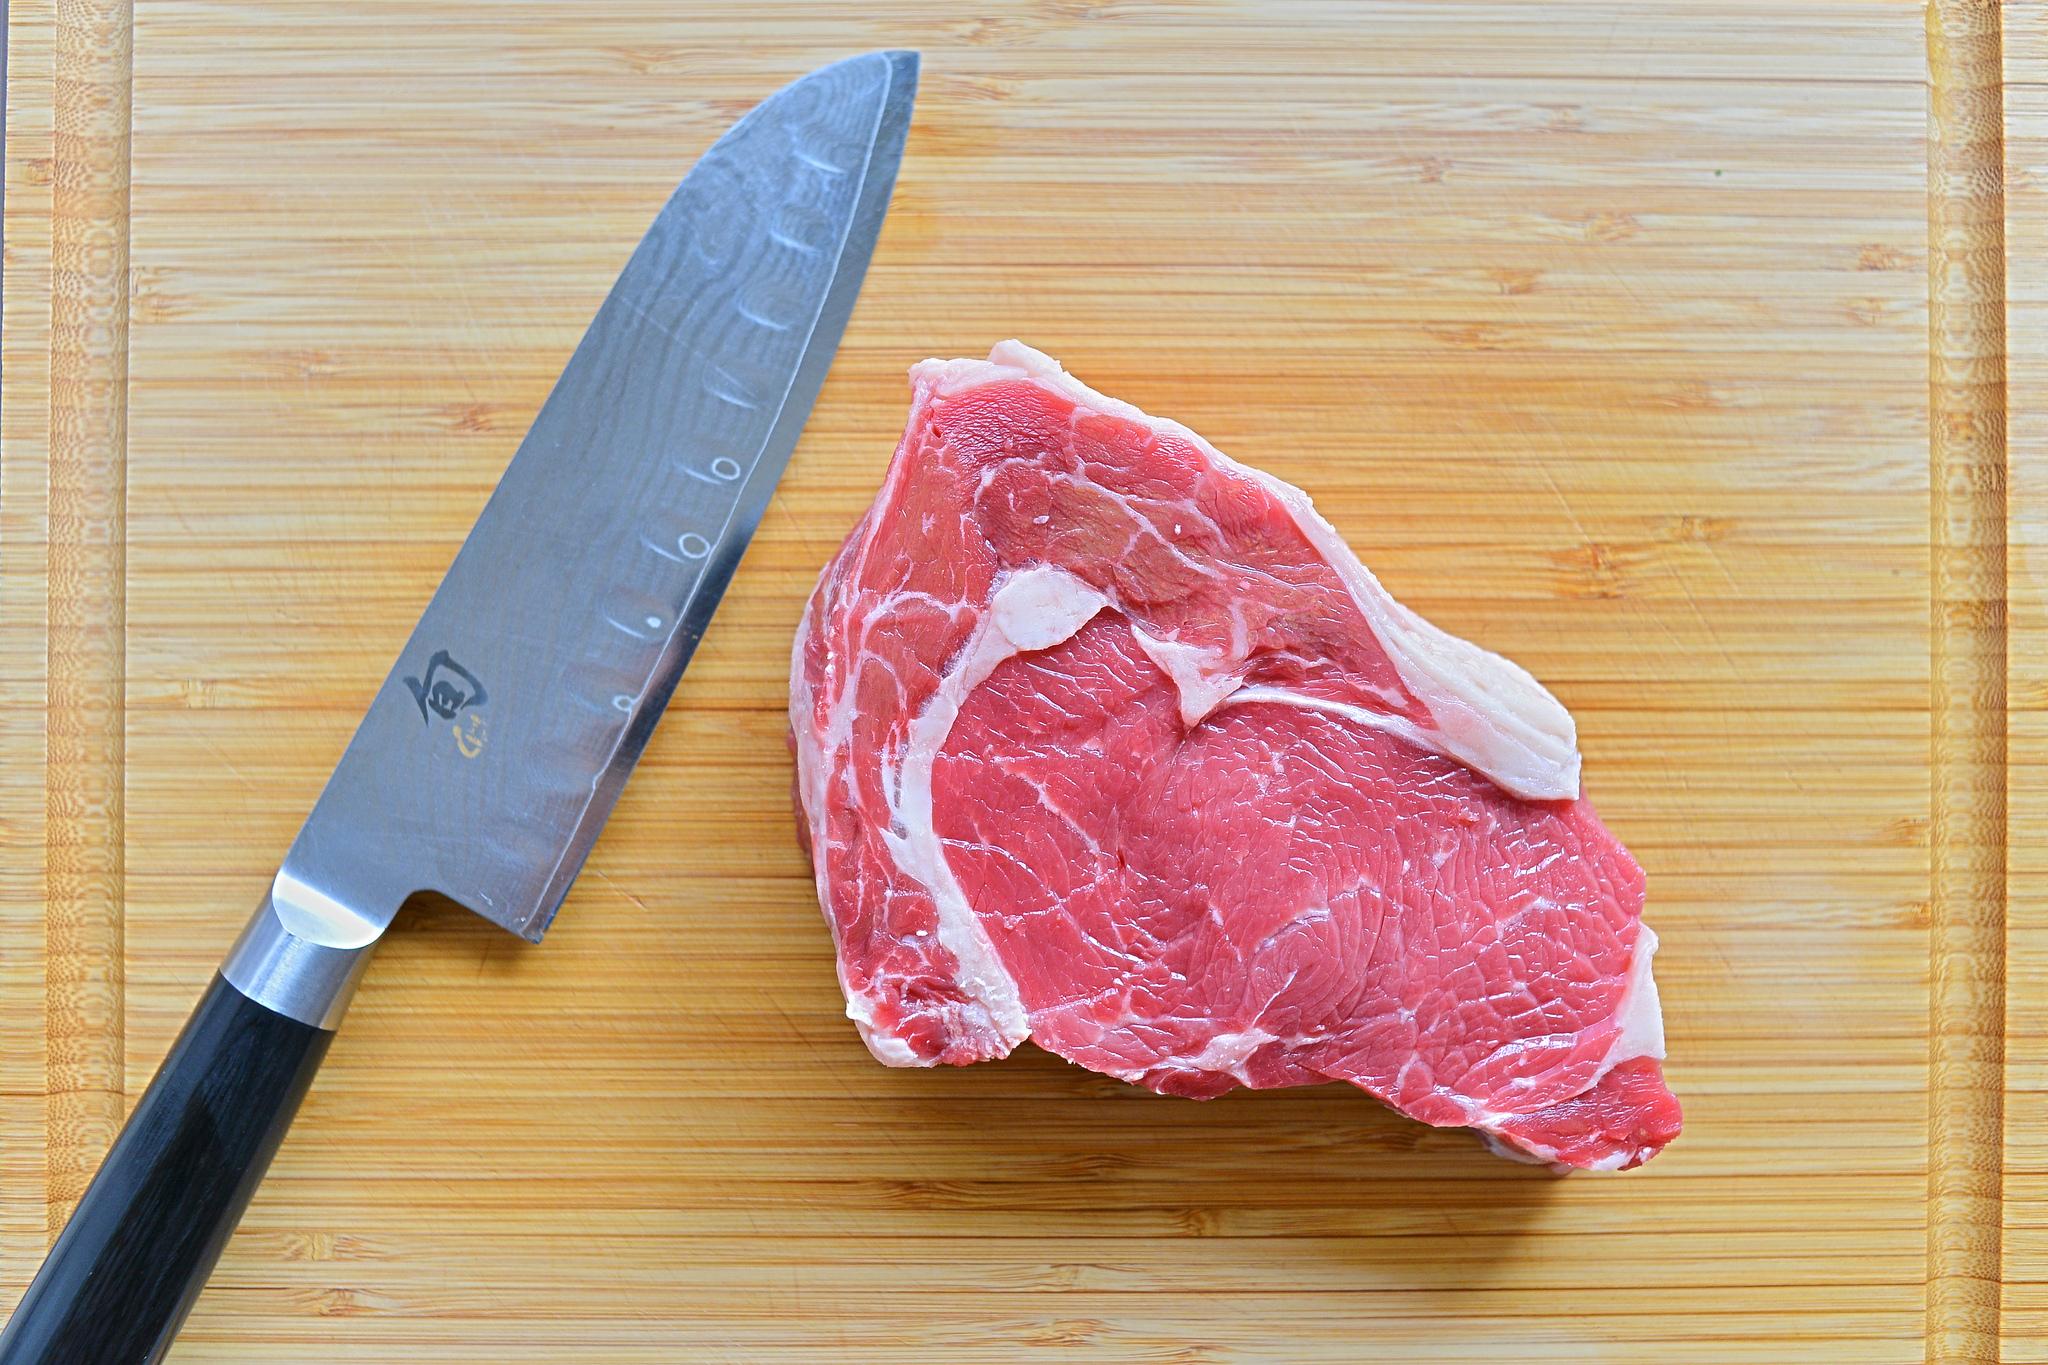 Sprüche, die Vegetarier und Veganer nicht mehr hören können: Messer mit Fleisch